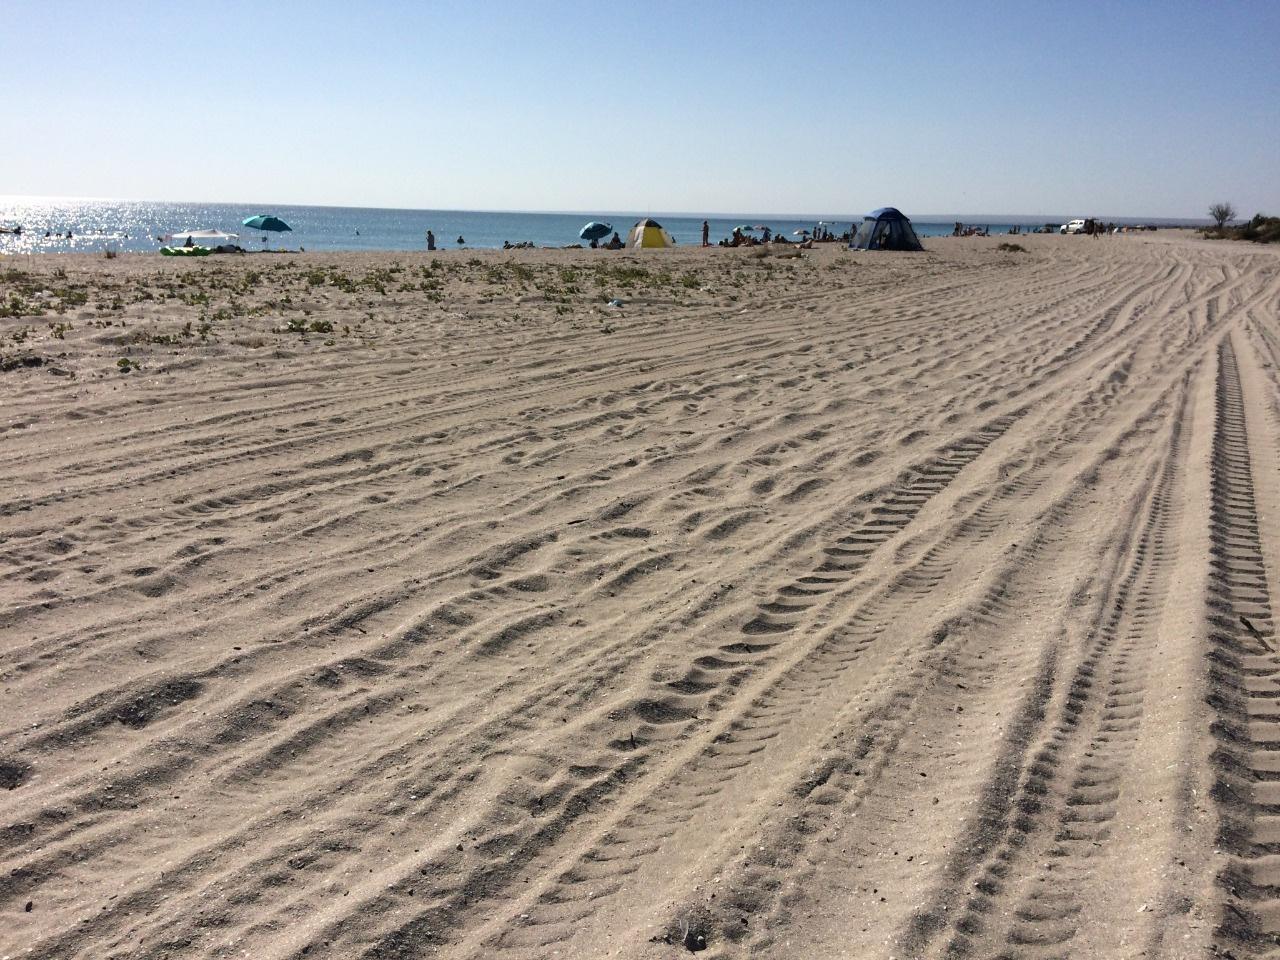 Коса Южная на западном побережье Крыма: отличные песчаные пляжи и сплошные сюрпризы